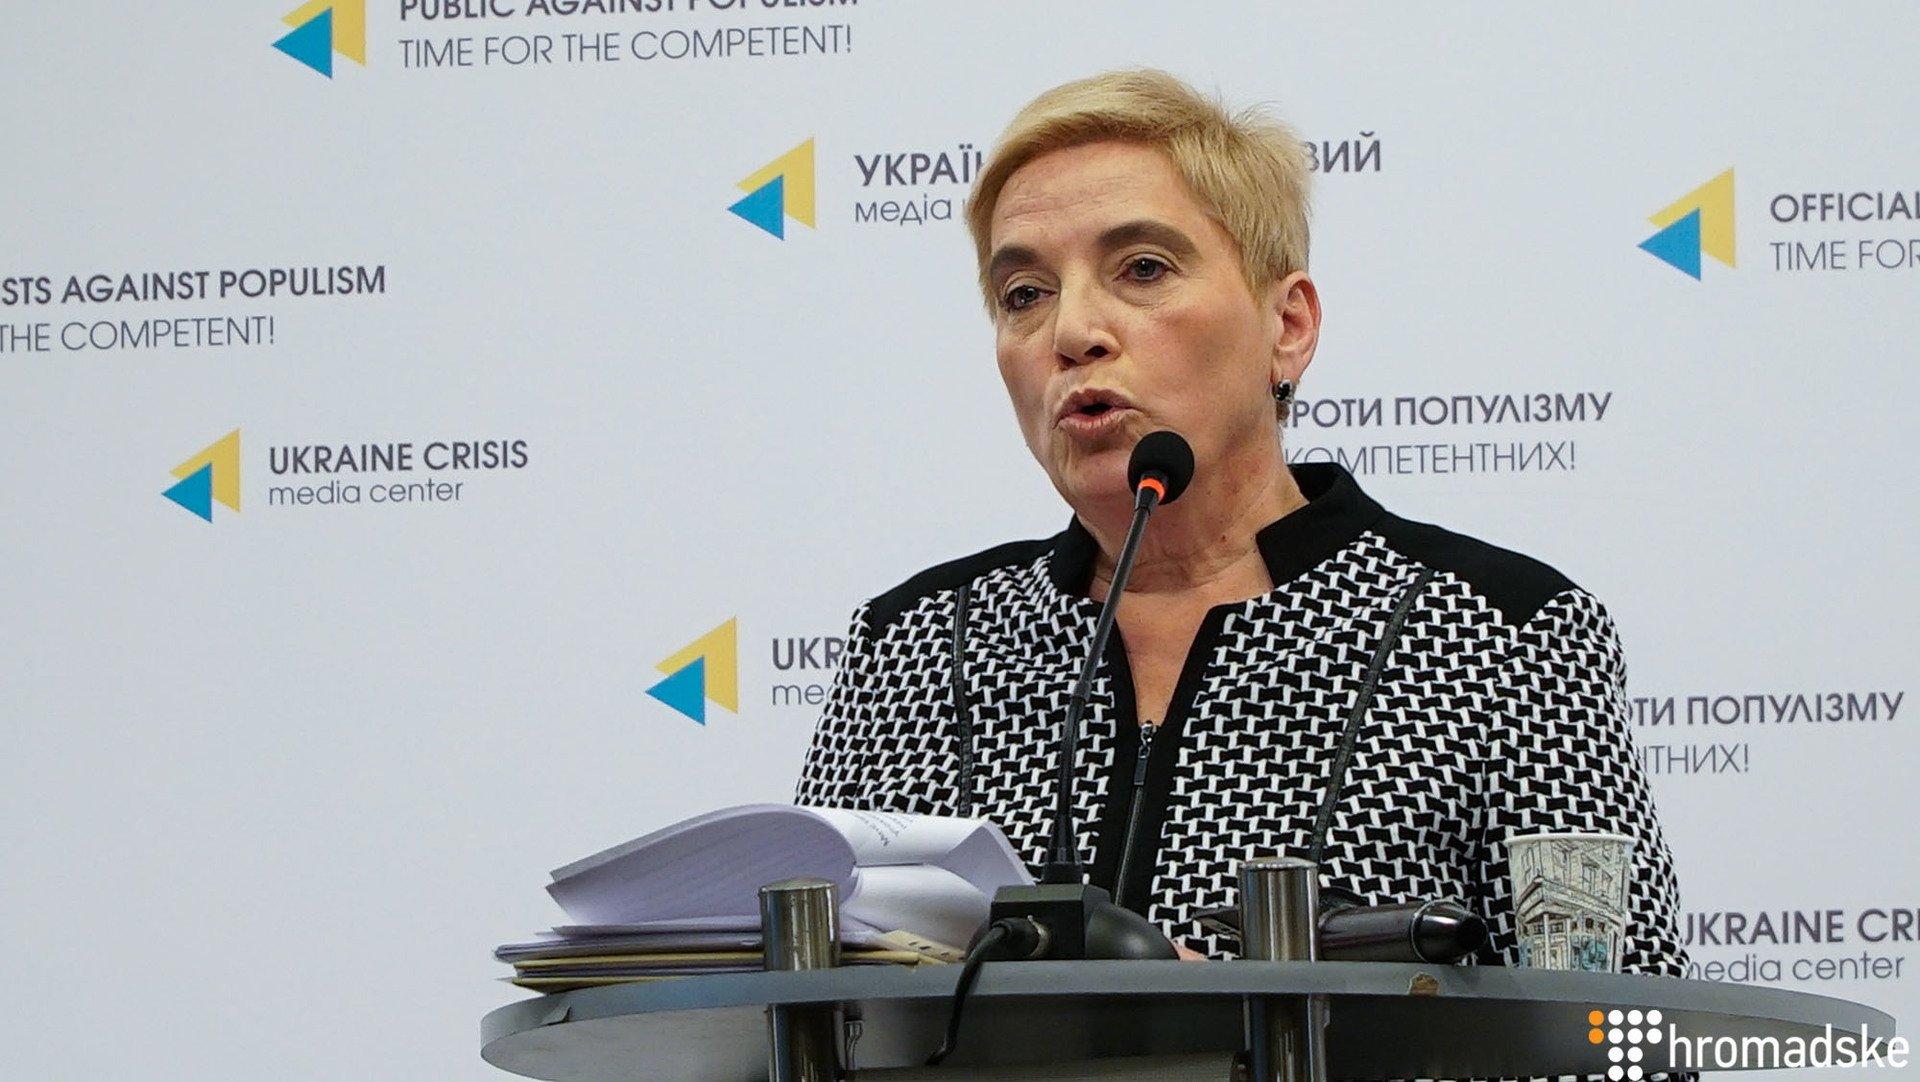 Соломатіна оприлюднила переписку з нібито куратором зАдміністрації президента